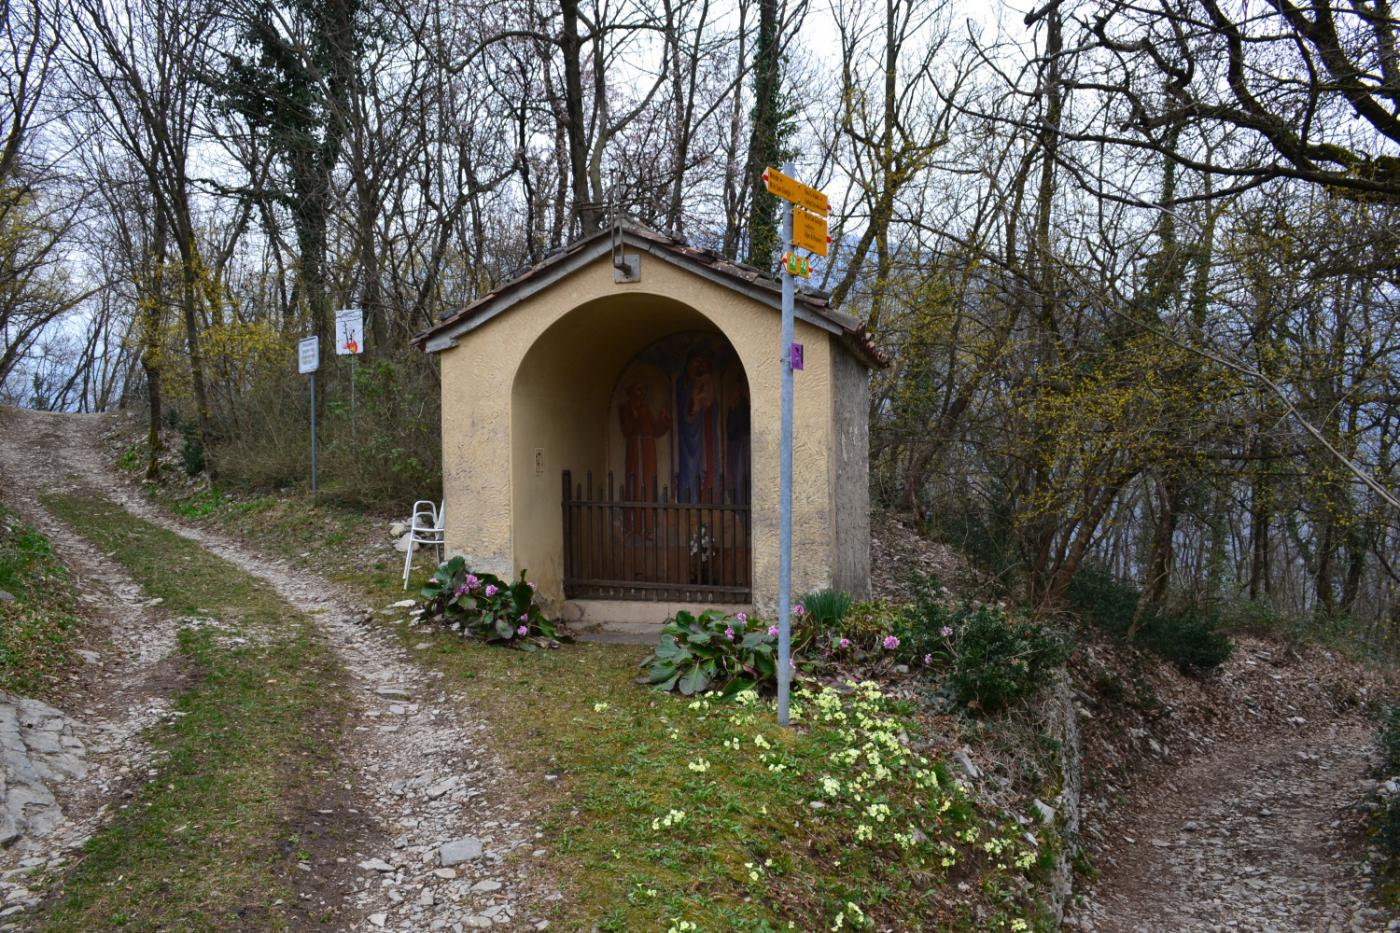 cappella di San Antonio in corrispondenza del bivio per Riva San Vitale